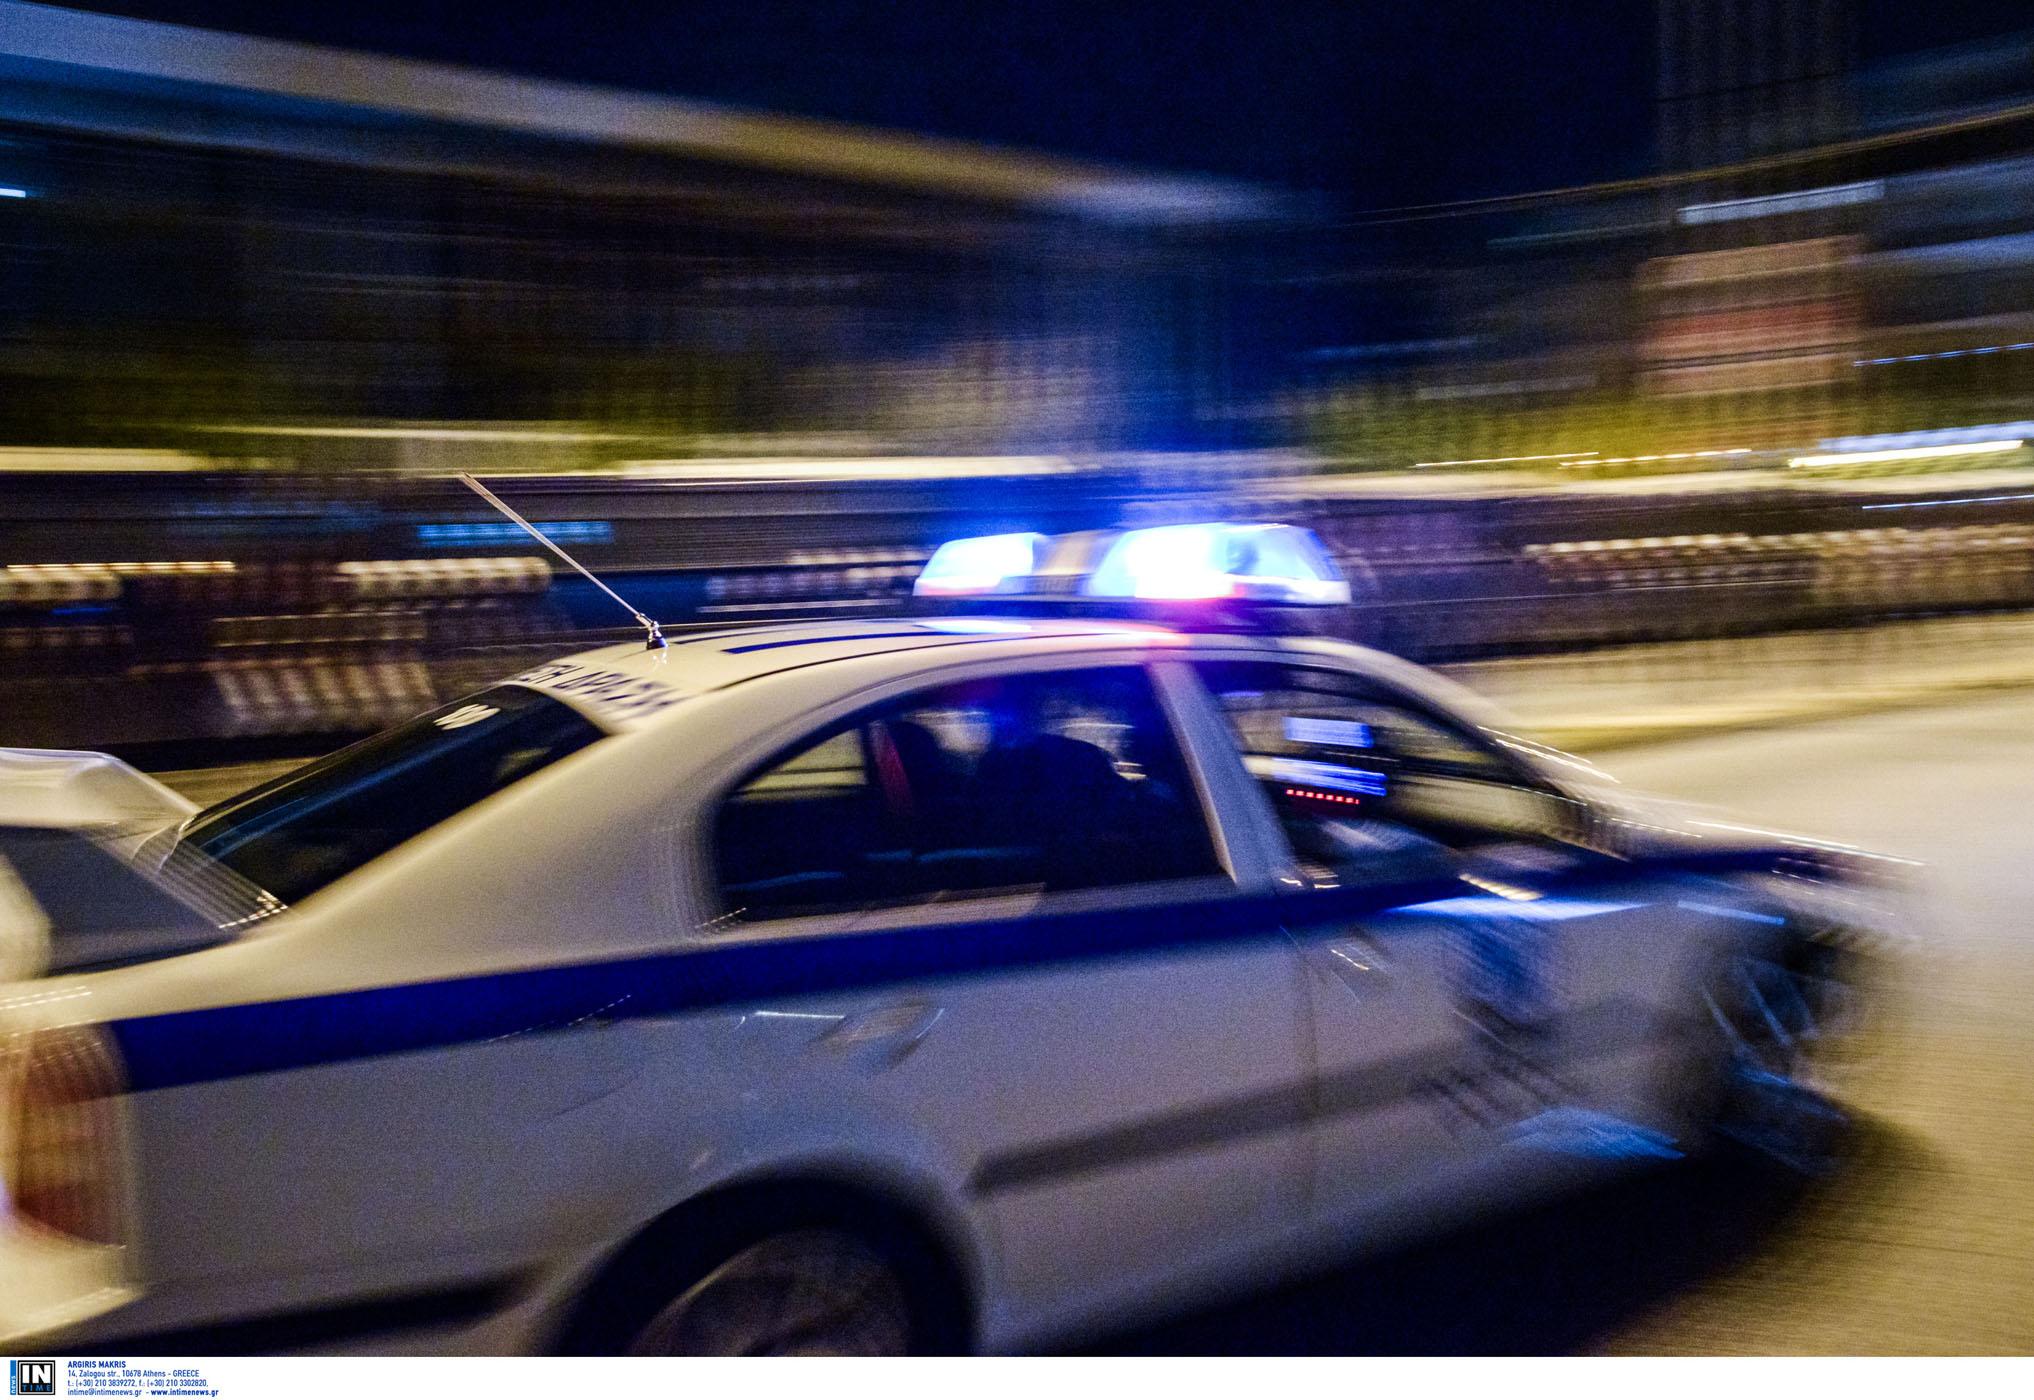 Επεισοδιακή σύλληψη των διαρρηκτών που είχαν κάνει κόλαση τη ζωή του Νίκου Ξανθόπουλου – Βίντεο ντοκουμέντο